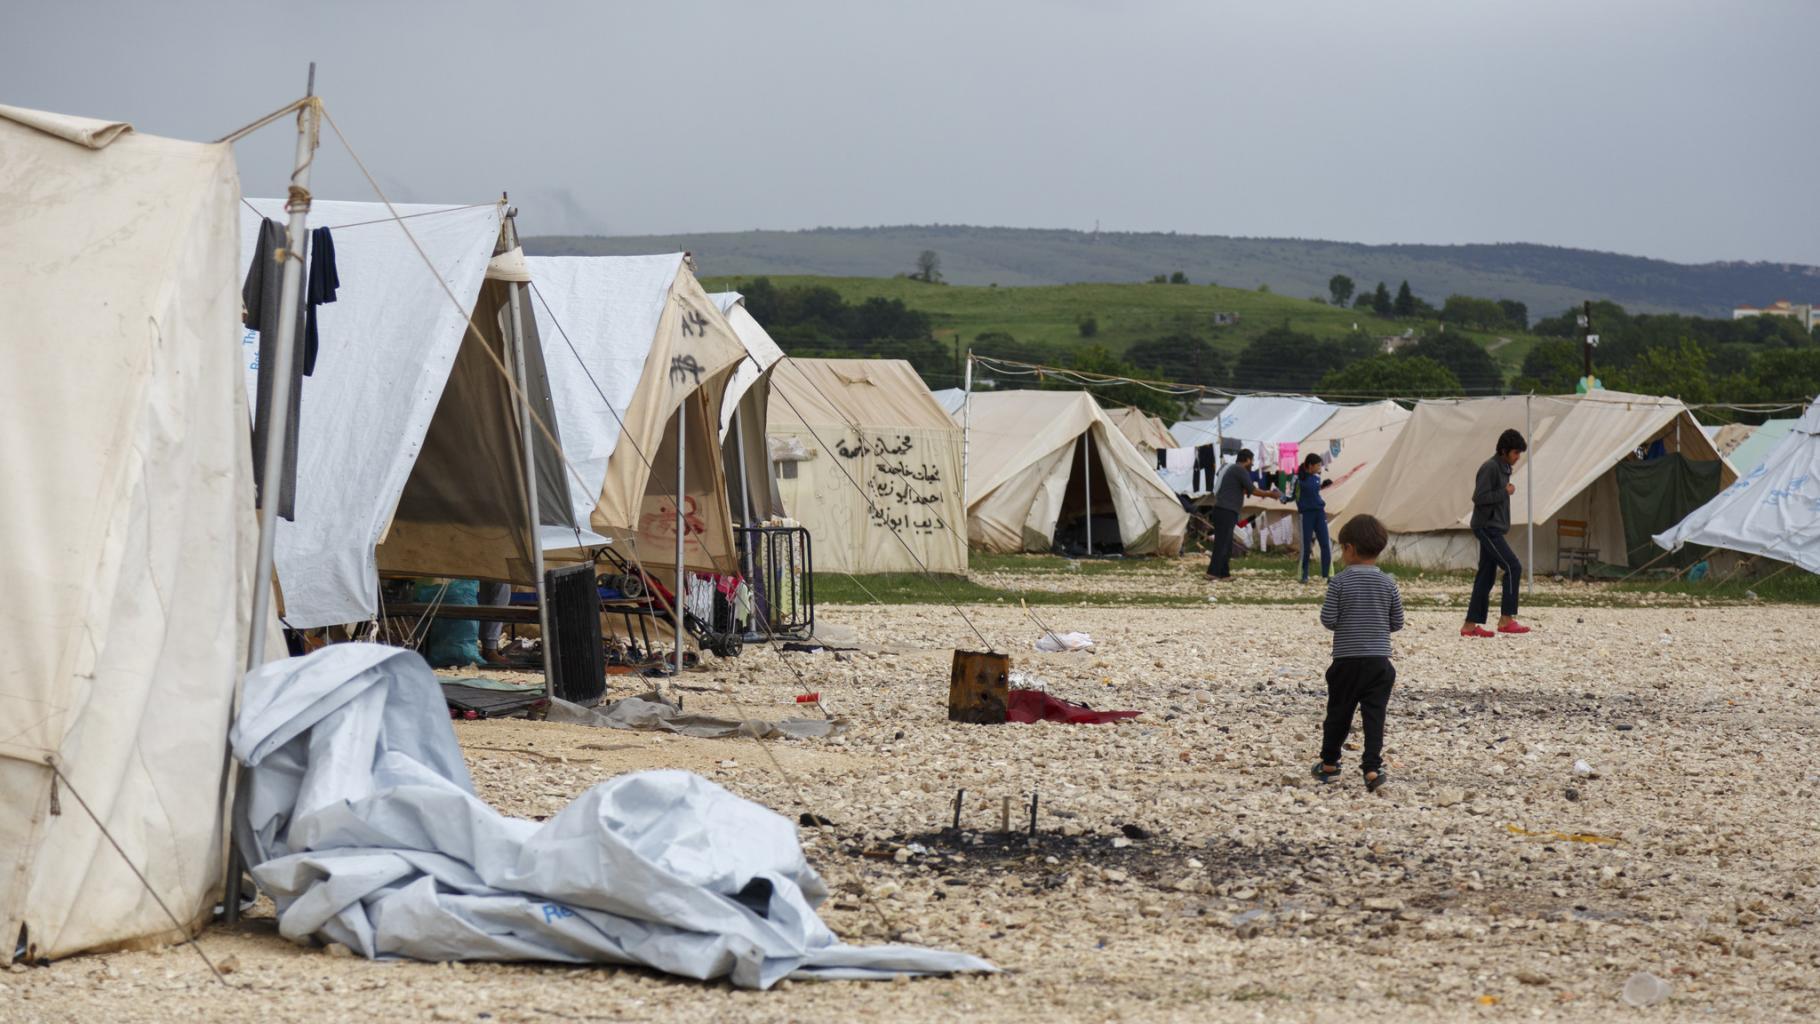 Kinder zwischen Zelten in einem Flüchtlingscamp im Griechenland